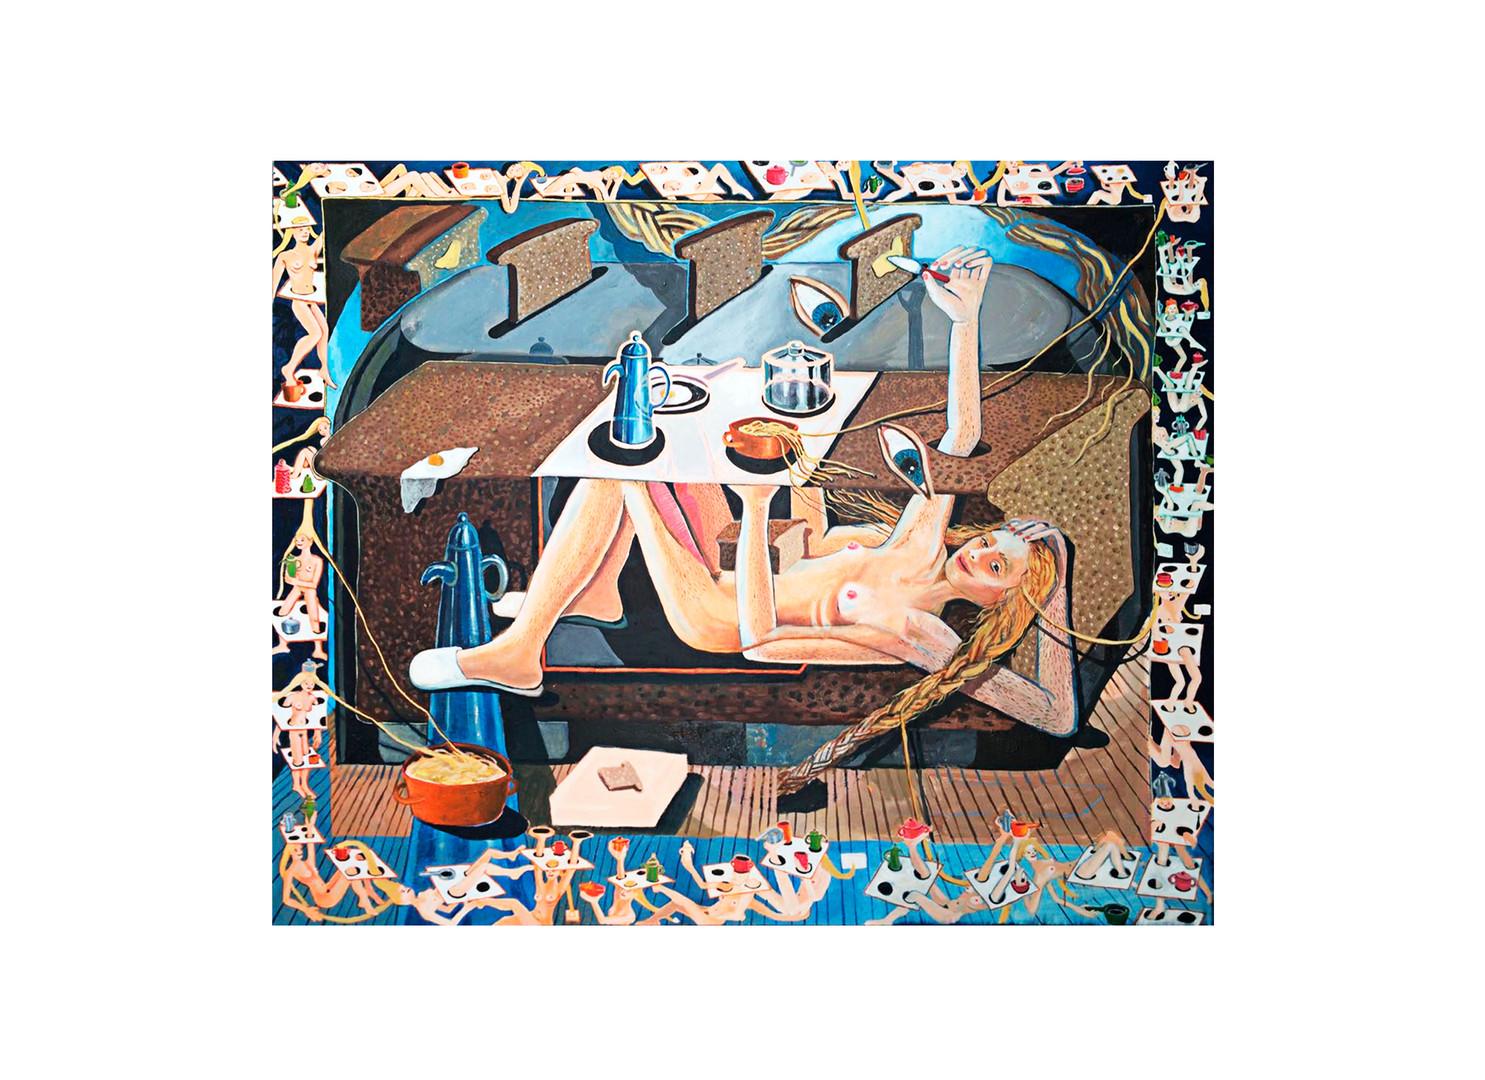 Marlene Steyn | Self raising hour | 2017 | Oil on Linen | 140 X 170 cm